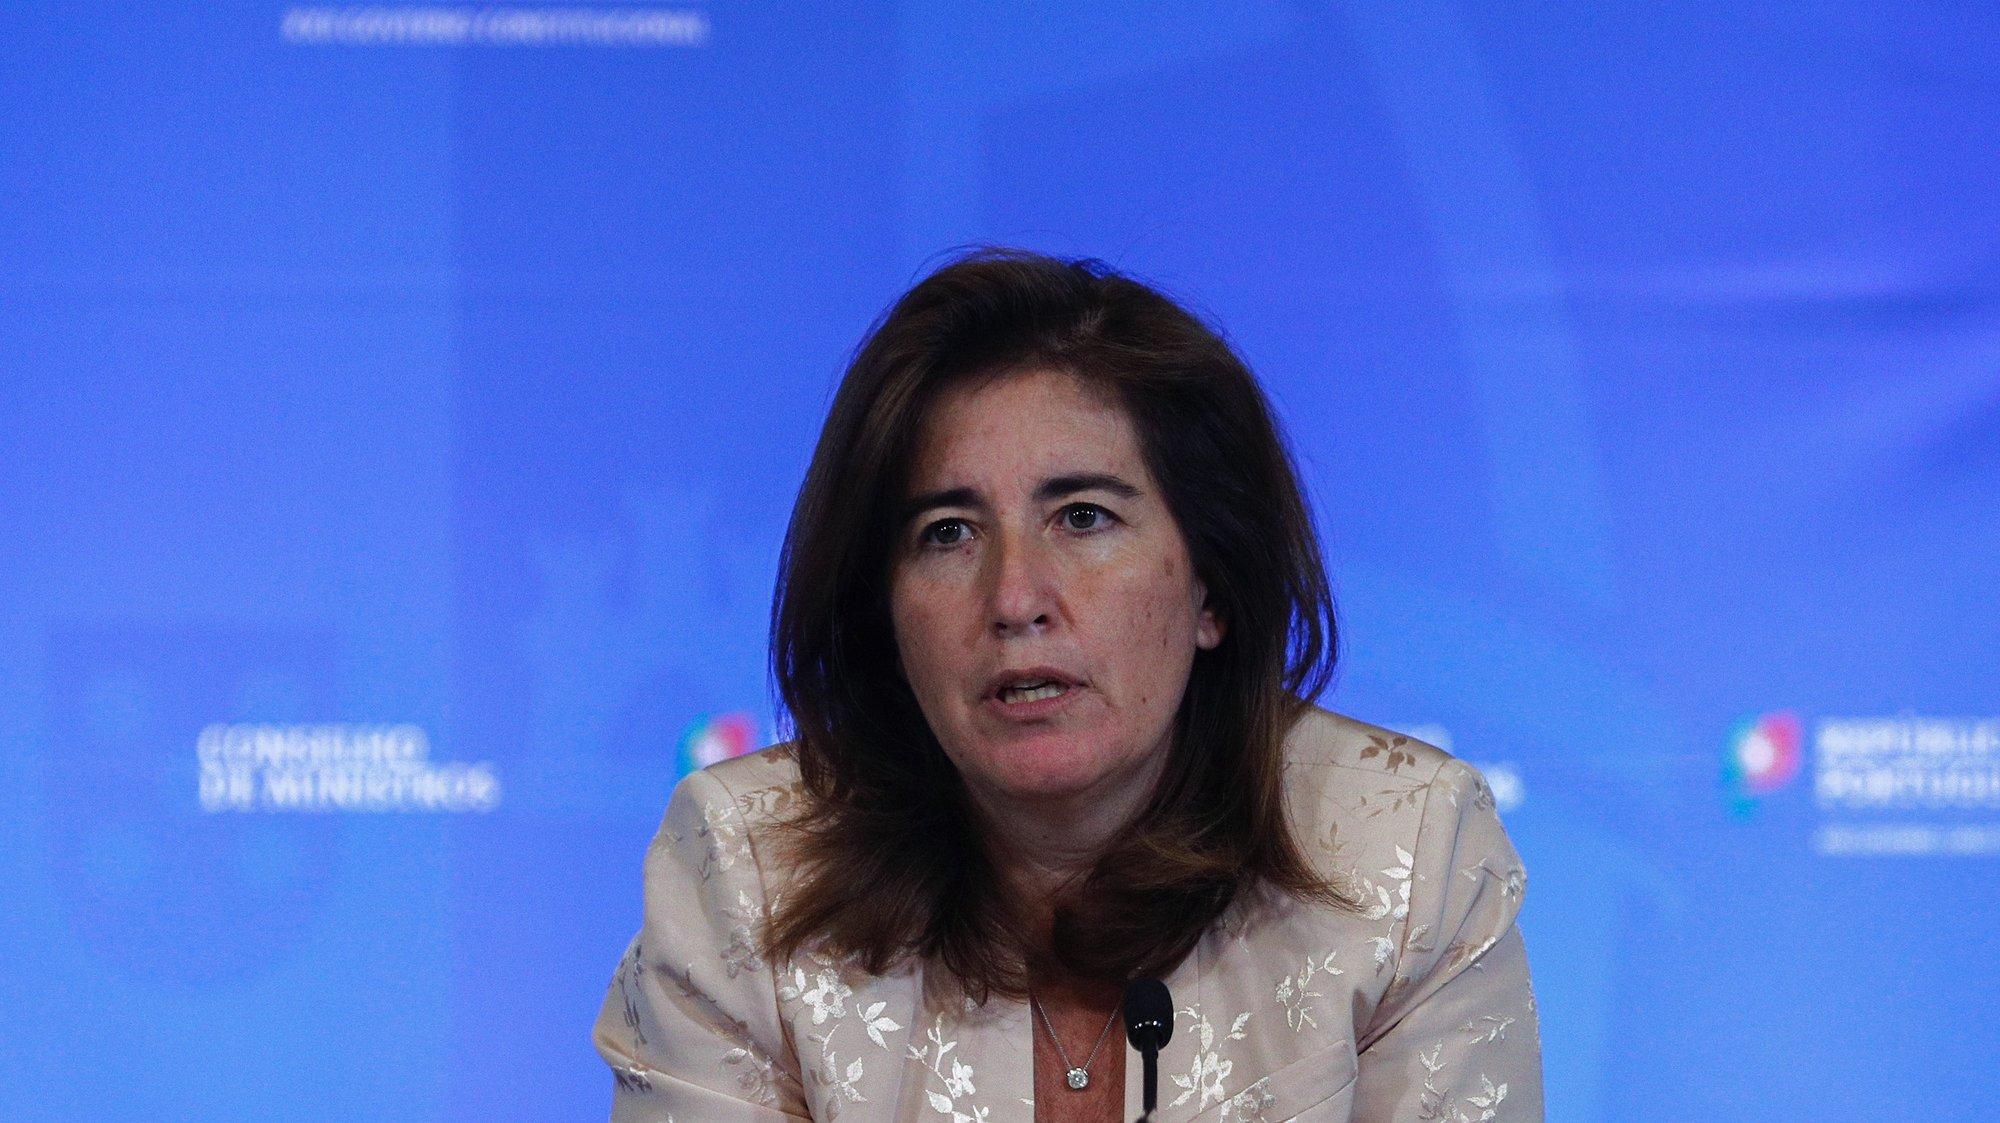 A ministra do Trabalho e da Segurança Social, Ana Mendes Godinho, durante a conferência de imprensa no final da reunião do Conselho de Ministros, que decorreu no Palácio da Ajuda, em Lisboa, 01 de julho de 2021. ANTÓNIO COTRIM/LUSA